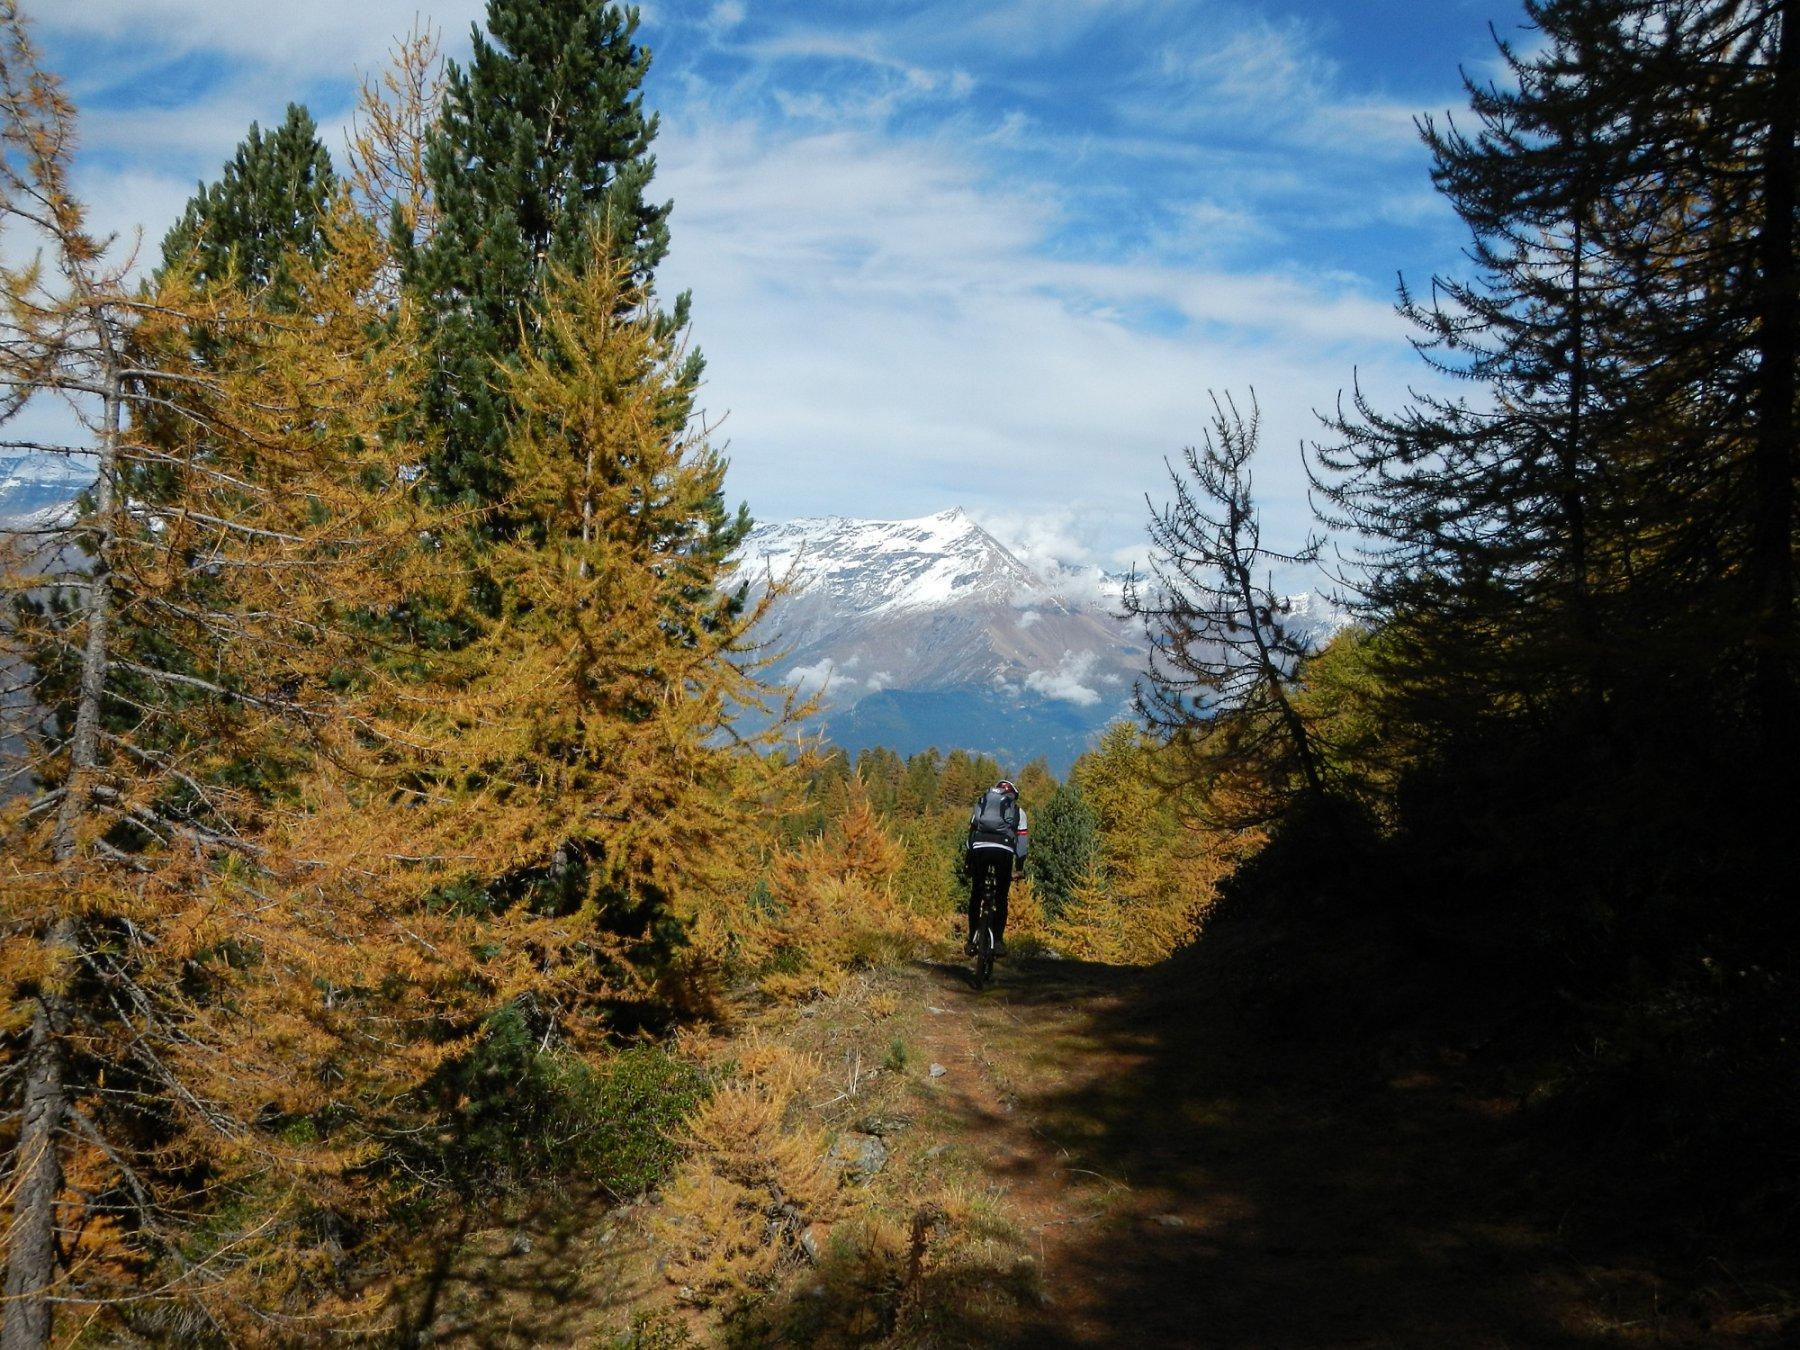 il successivo bel tratto di bosco su mulattiera e sentiero